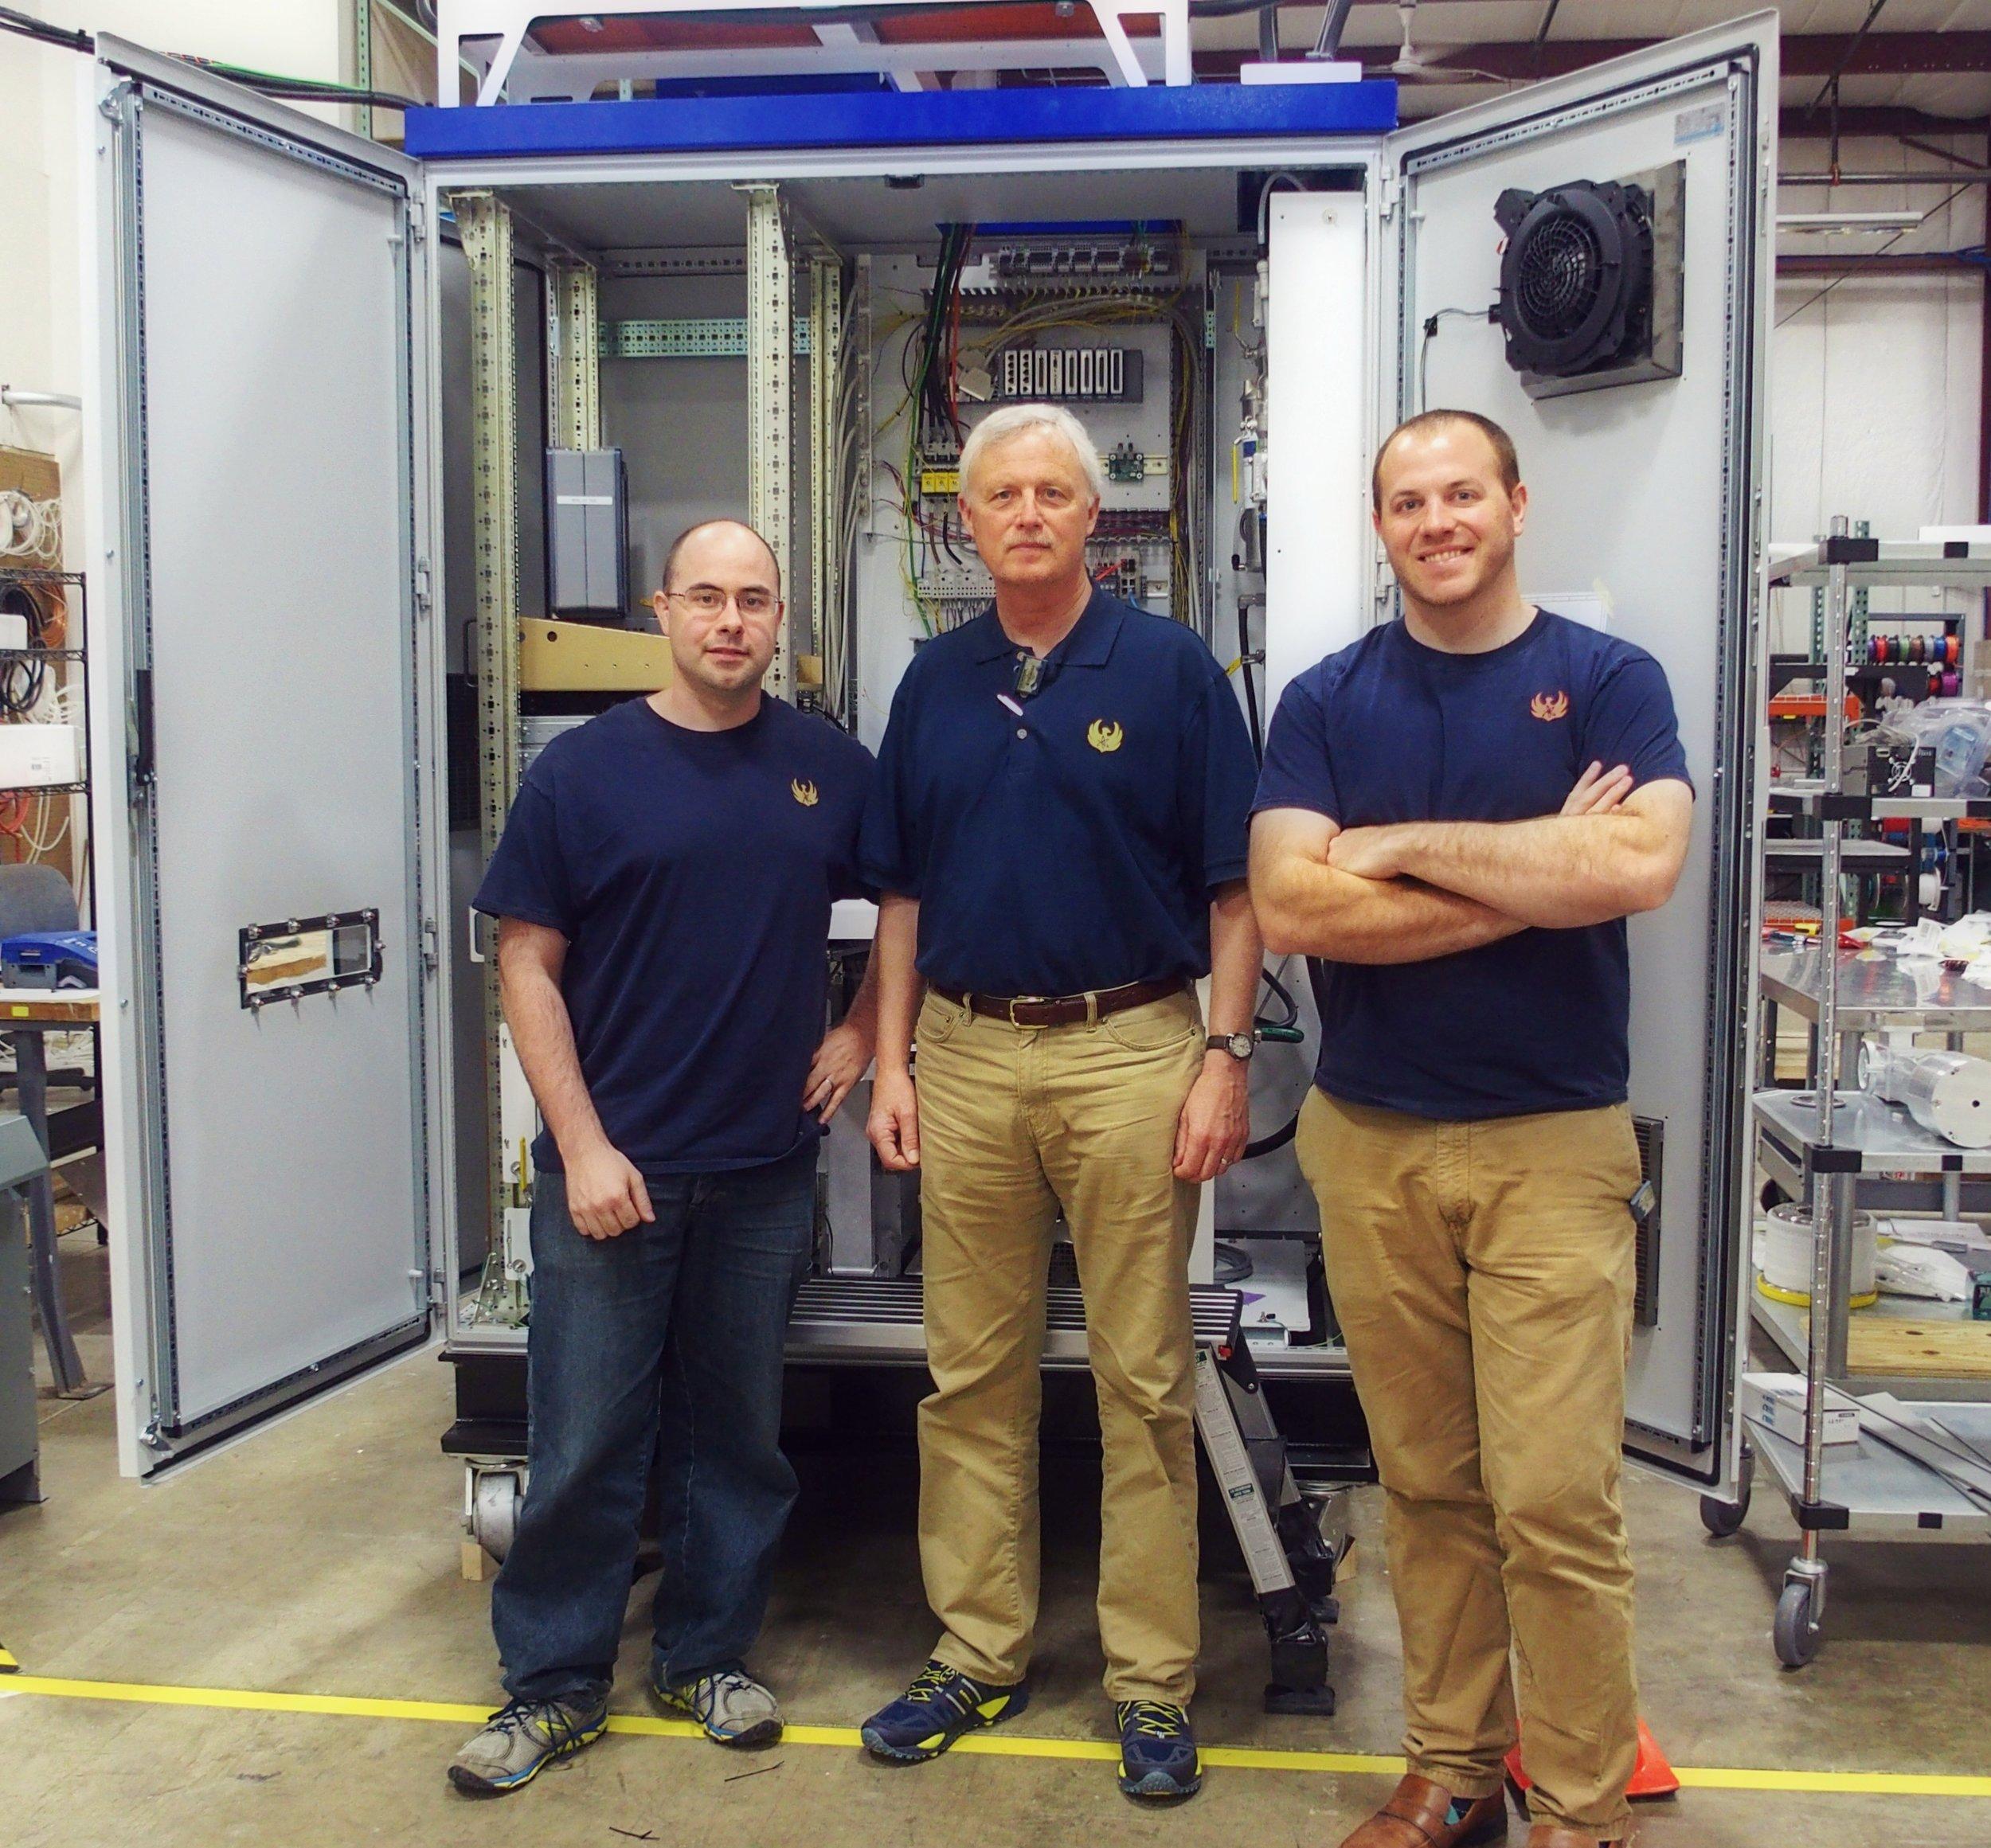 Ross,Steve,Evan.jpg